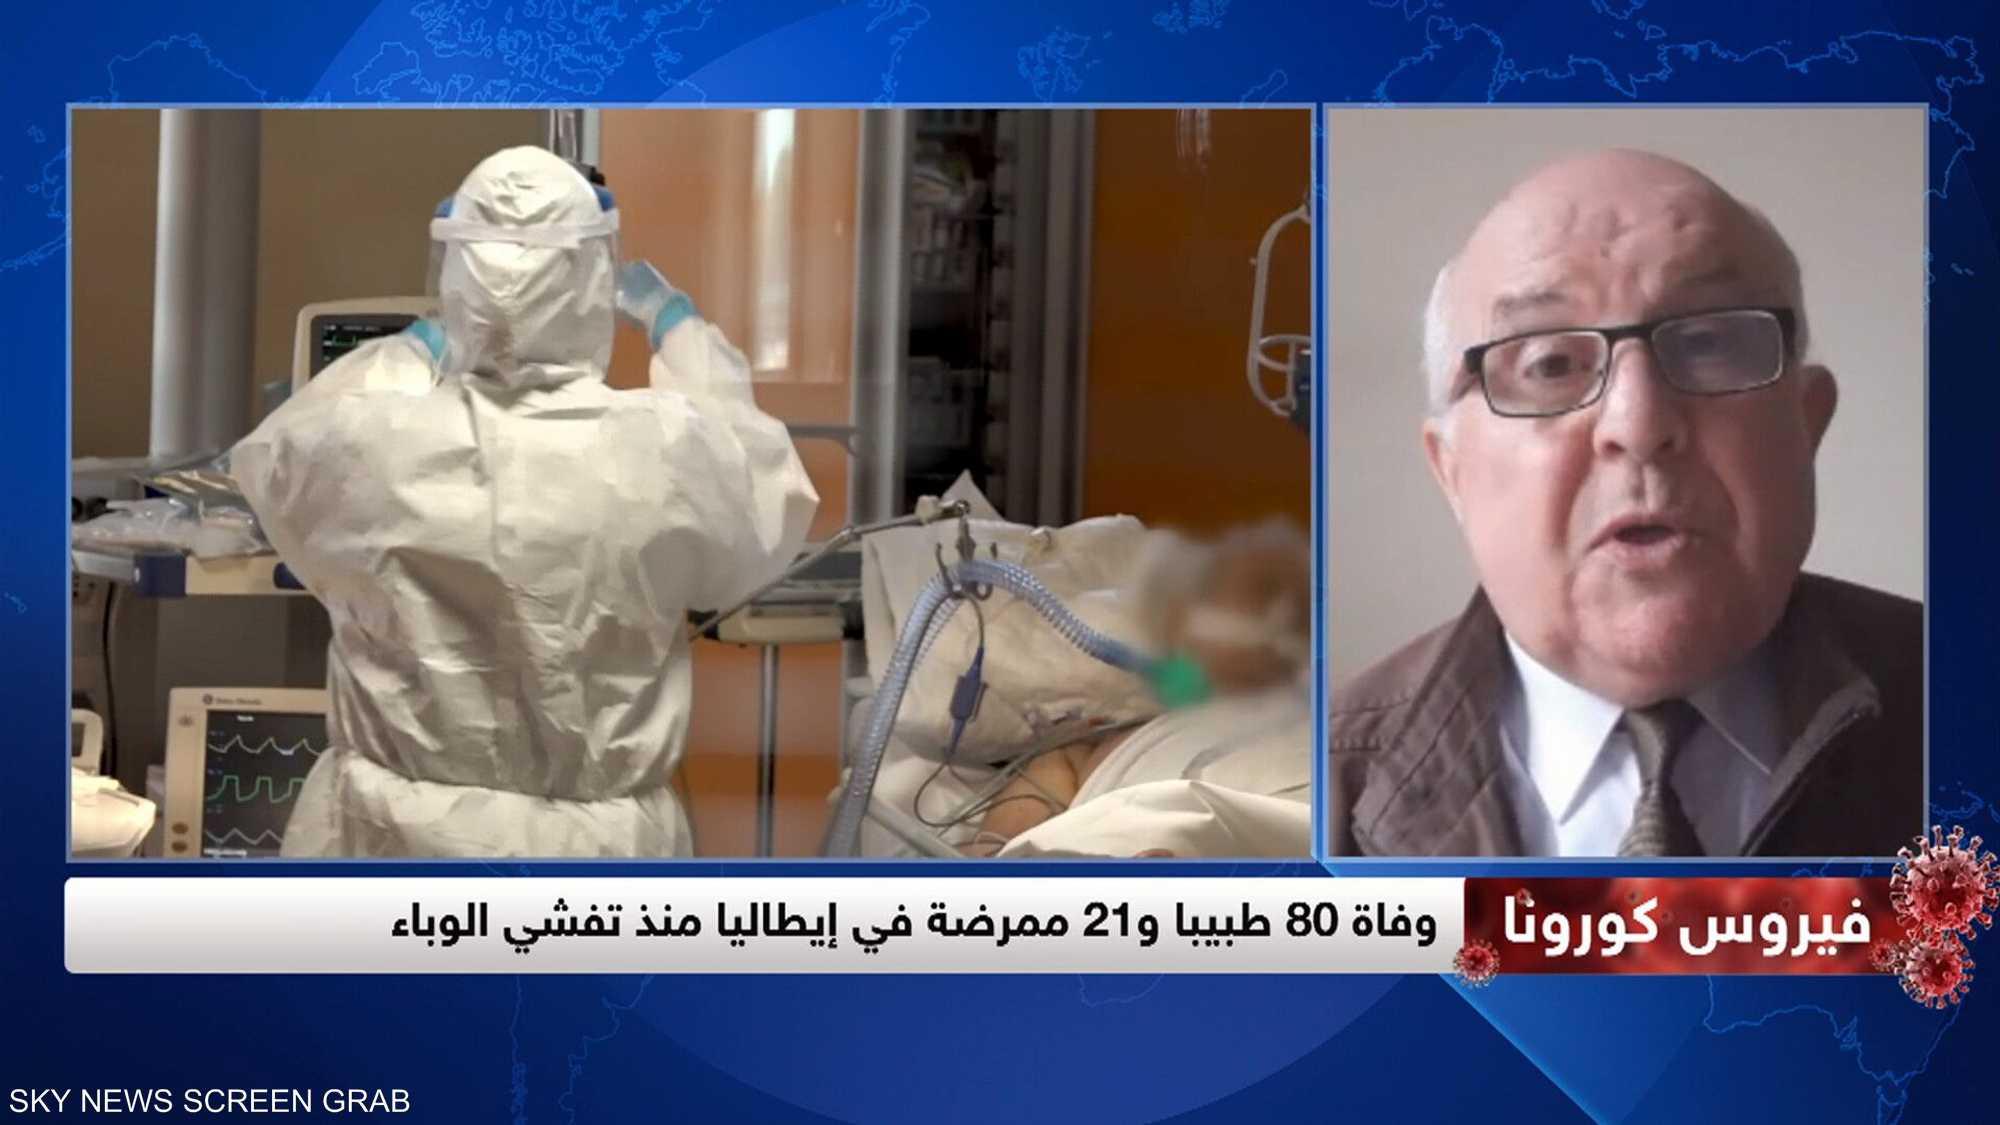 وفاة 80 طبيبا و21 ممرضة في إيطاليا منذ تفشي الوباء